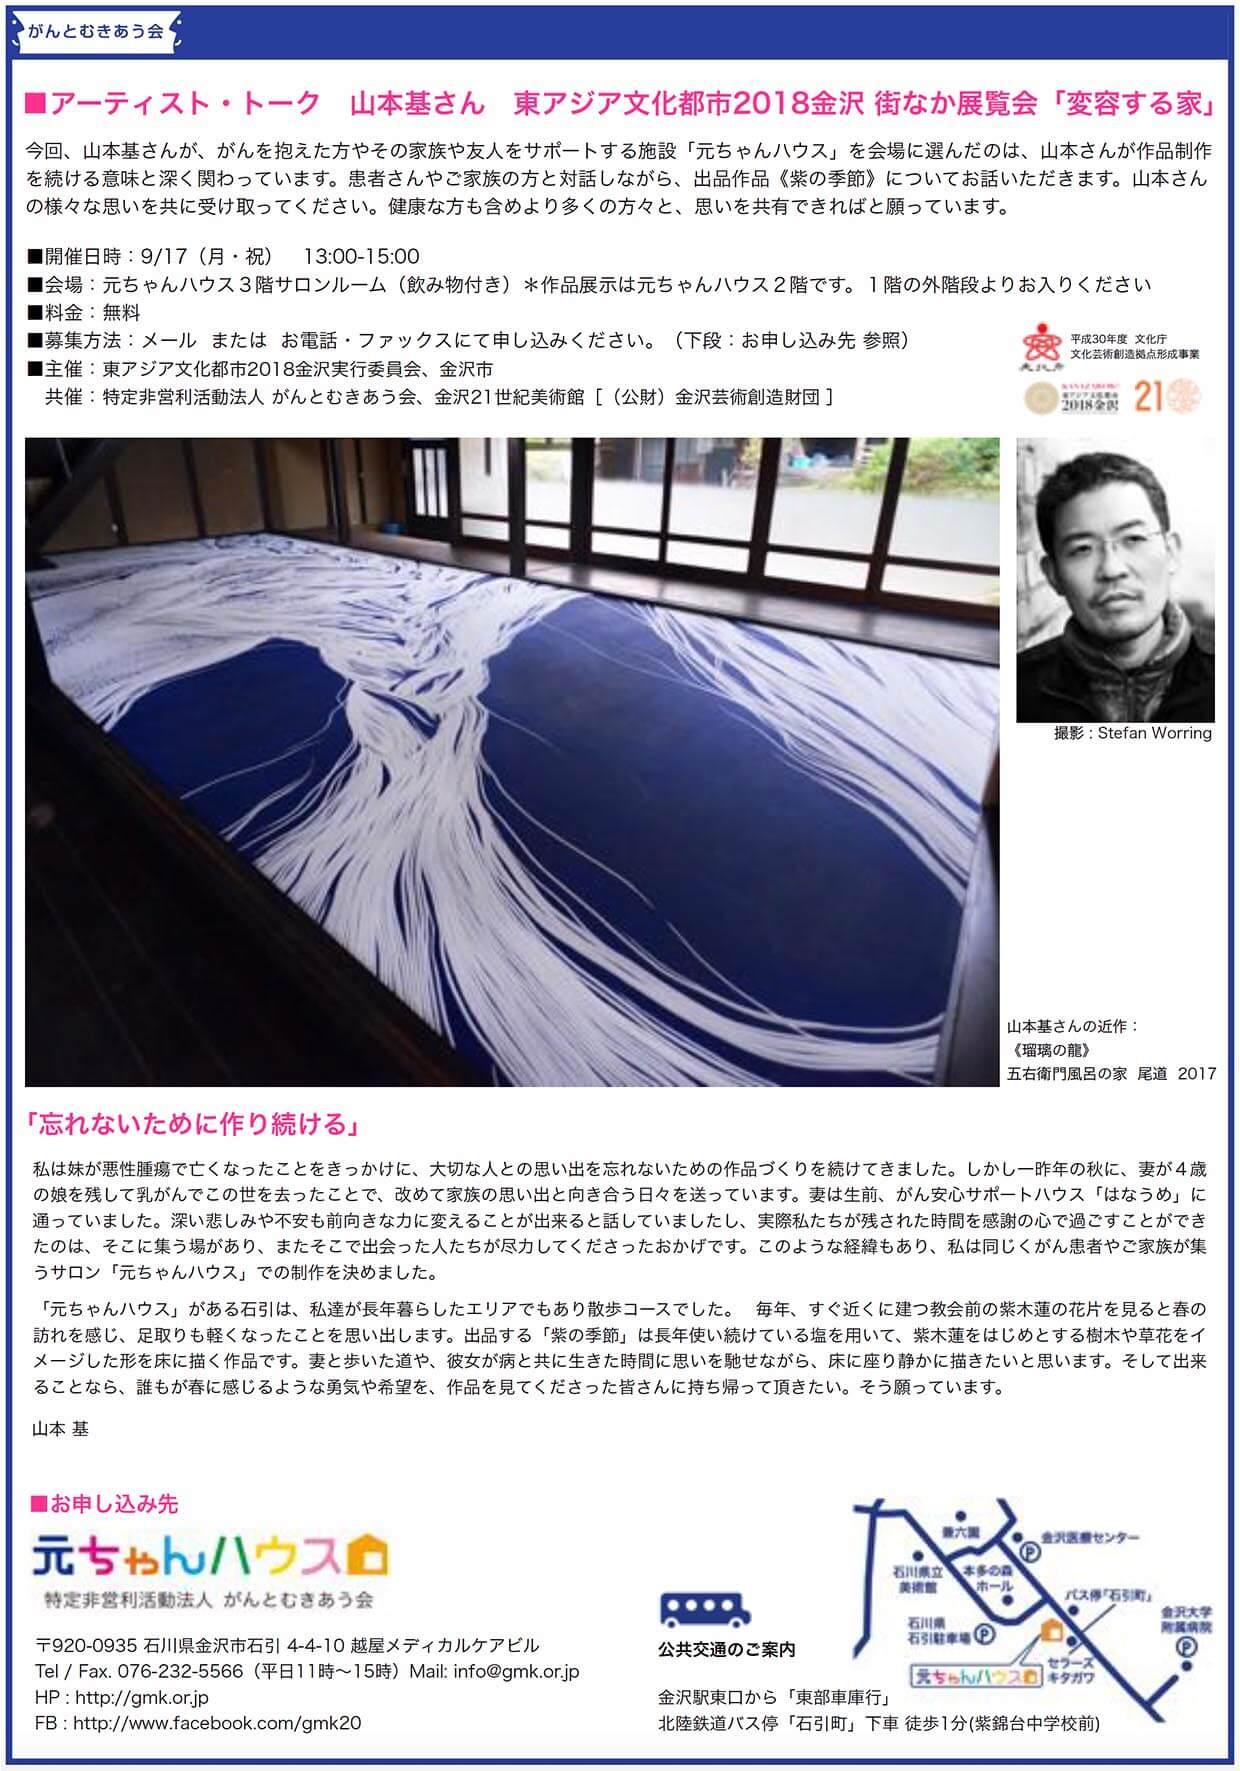 変容する家,元ちゃんハウス,はなうめ,山本基,金沢21世紀美術館